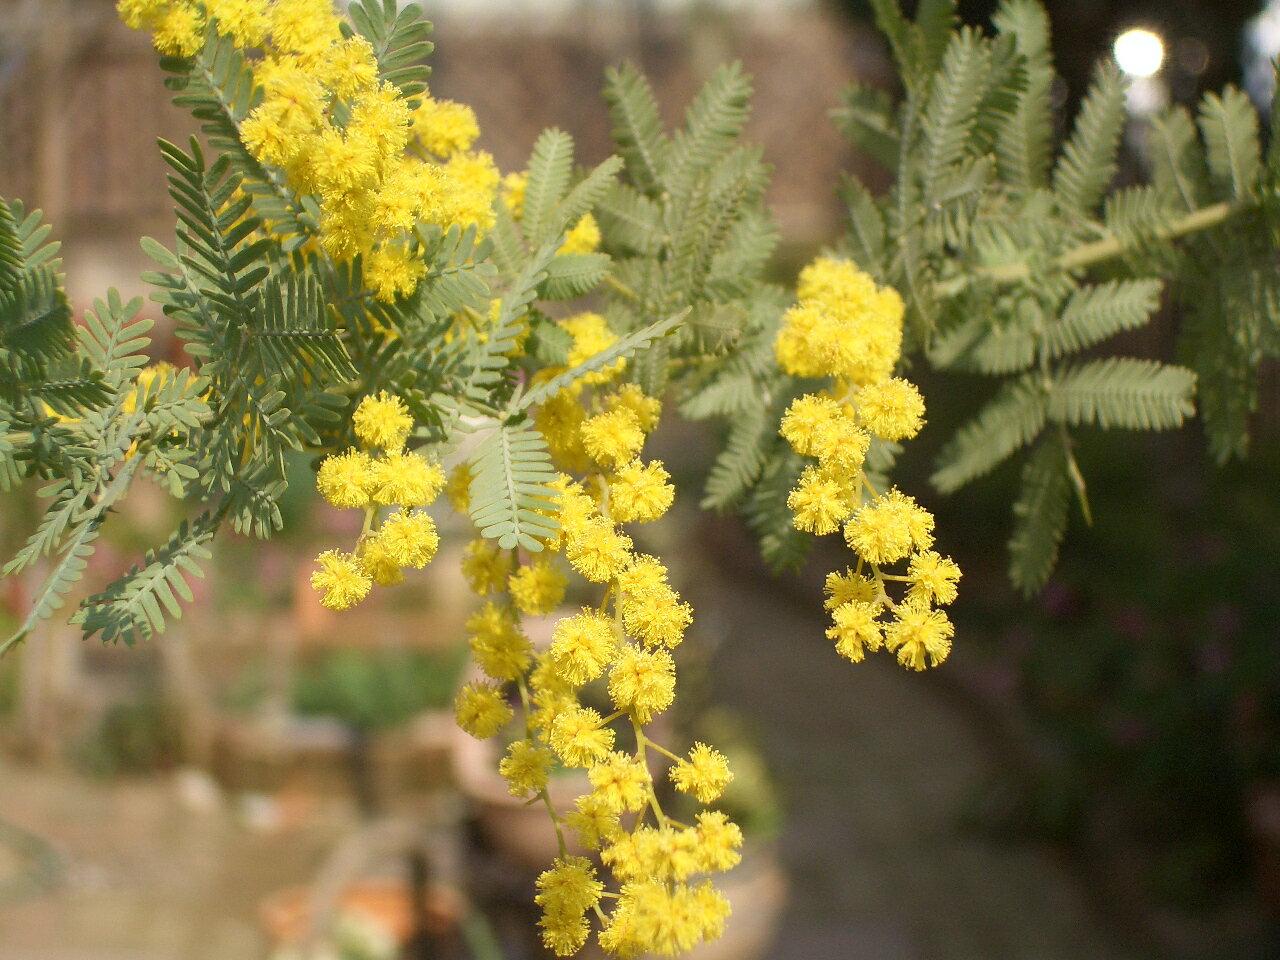 ミモザアカシア黄色いポンポンのお花がお庭を明るくしてくれます!!ミモザアカシア 3.5号ポット